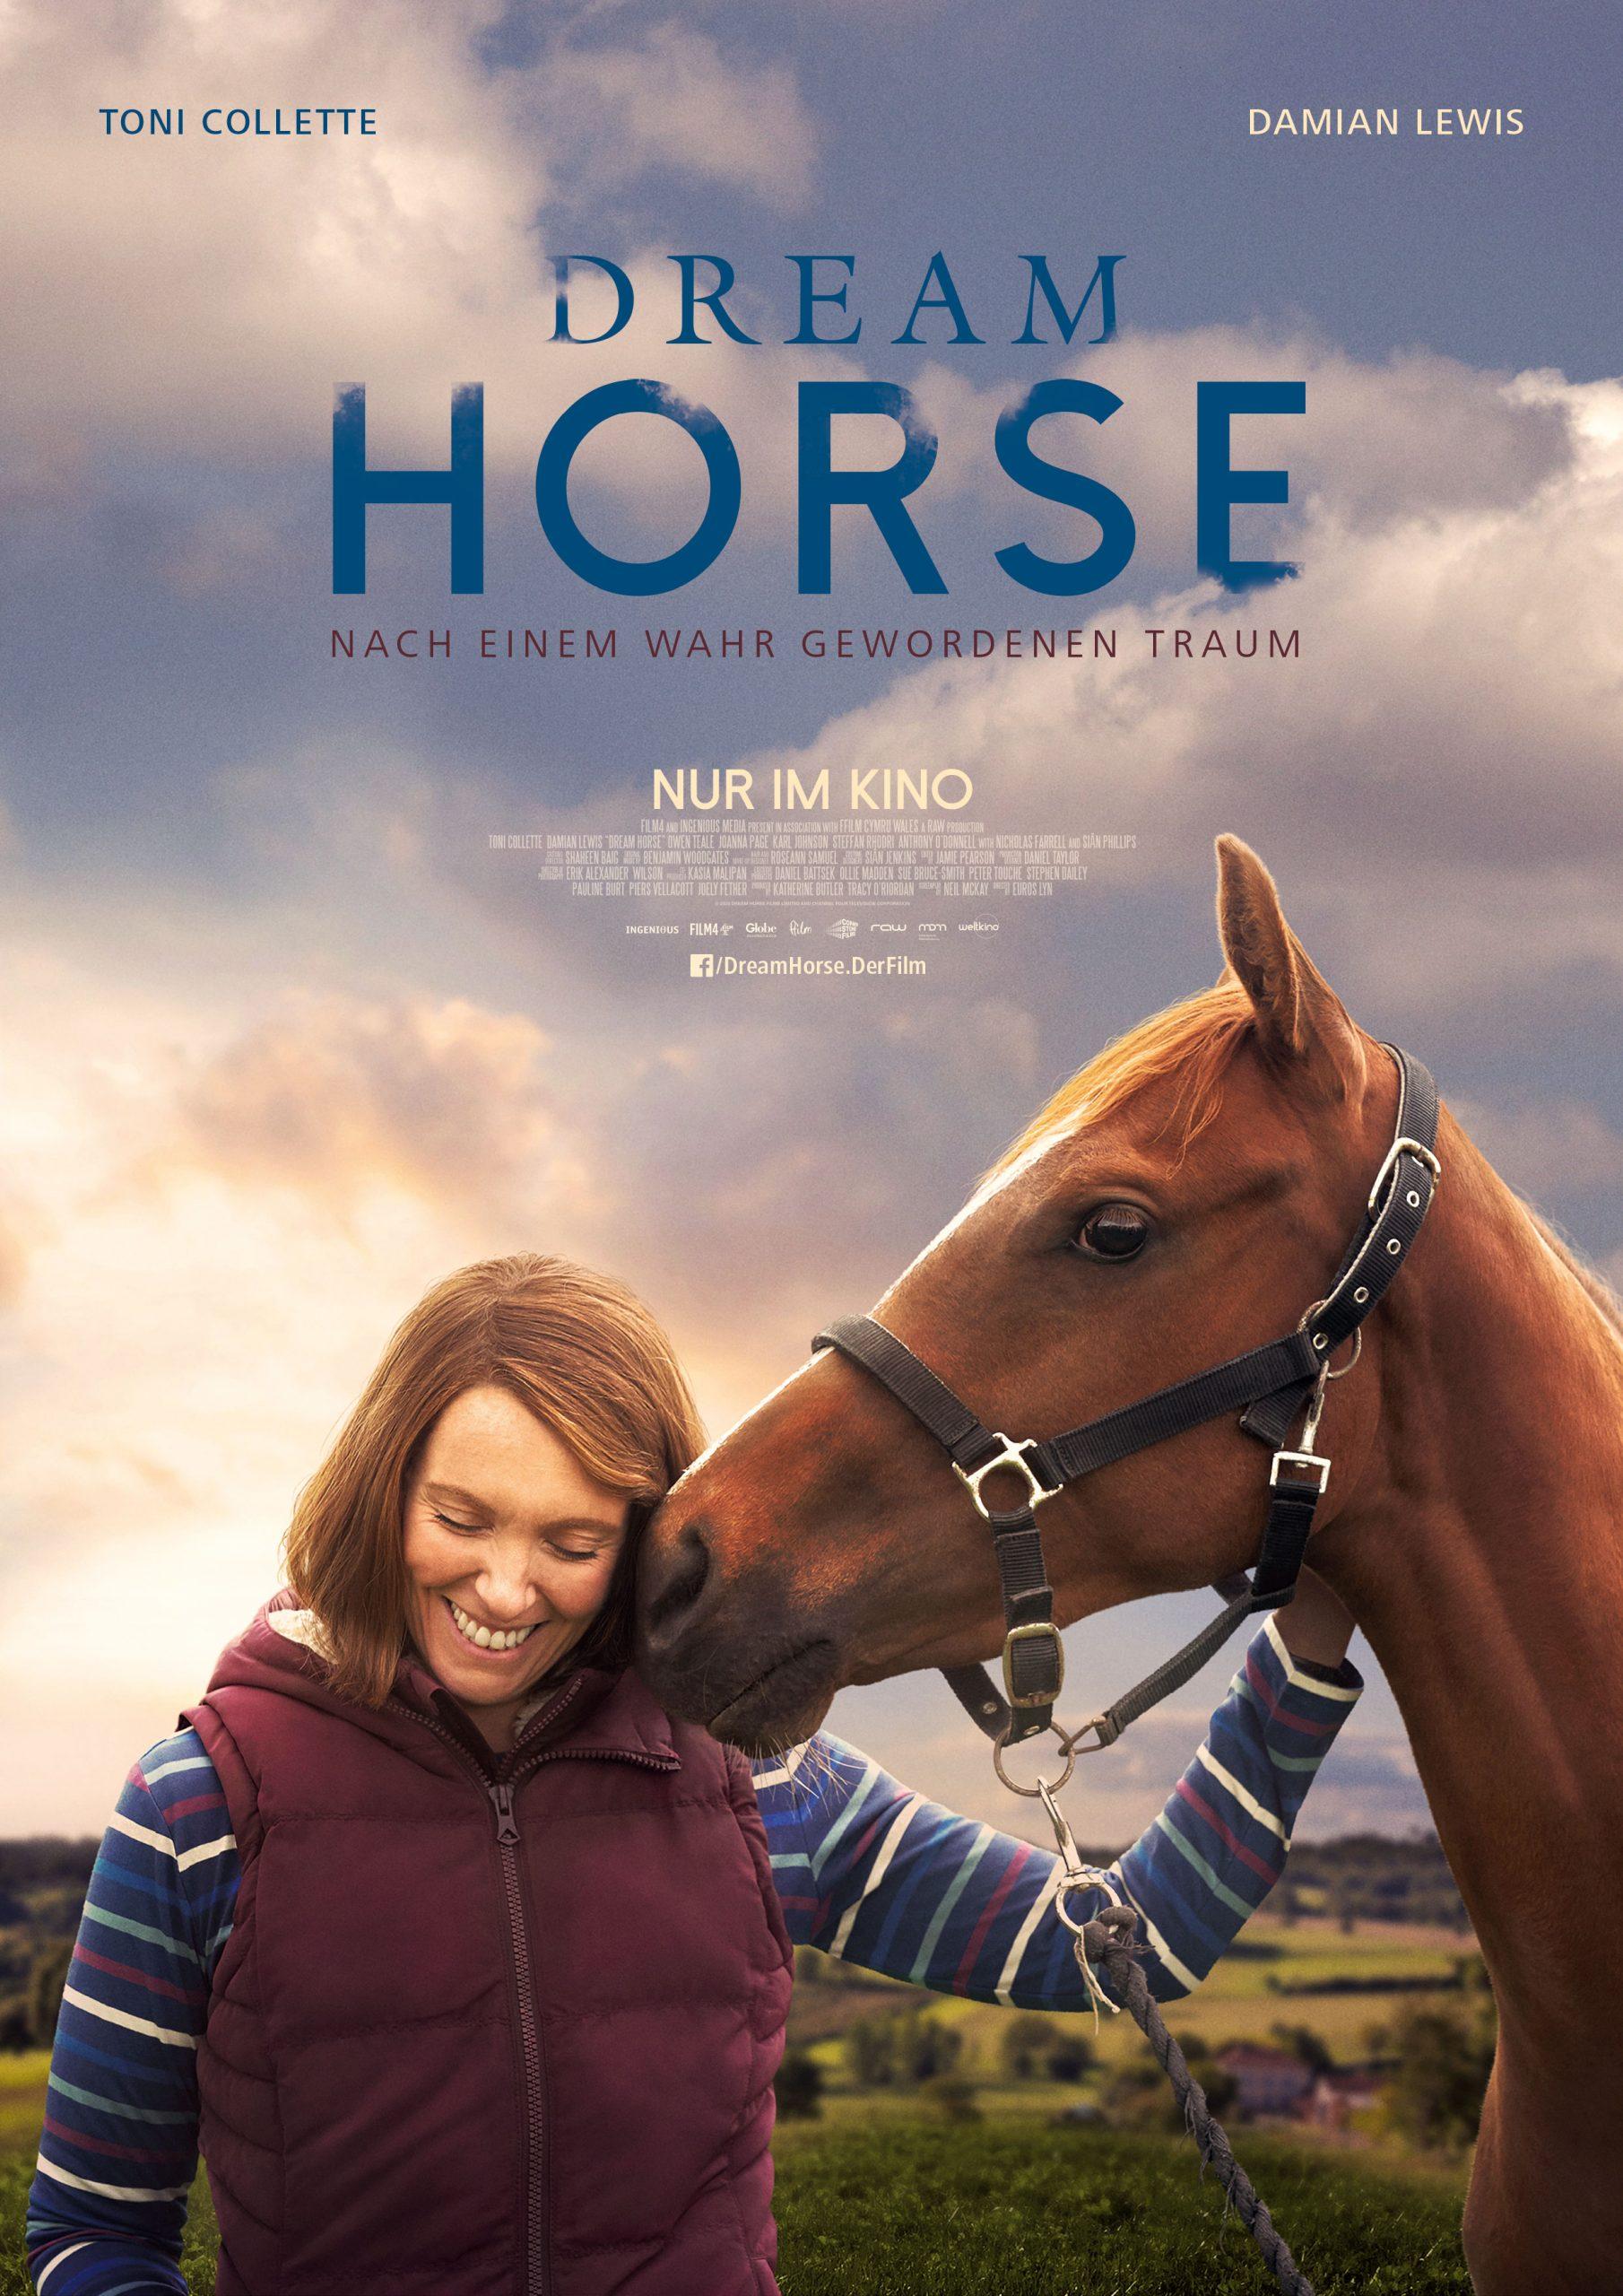 """""""DREAM HORSE"""" - Ab 19. November als Blu-ray, DVD und Digital erhältlich"""